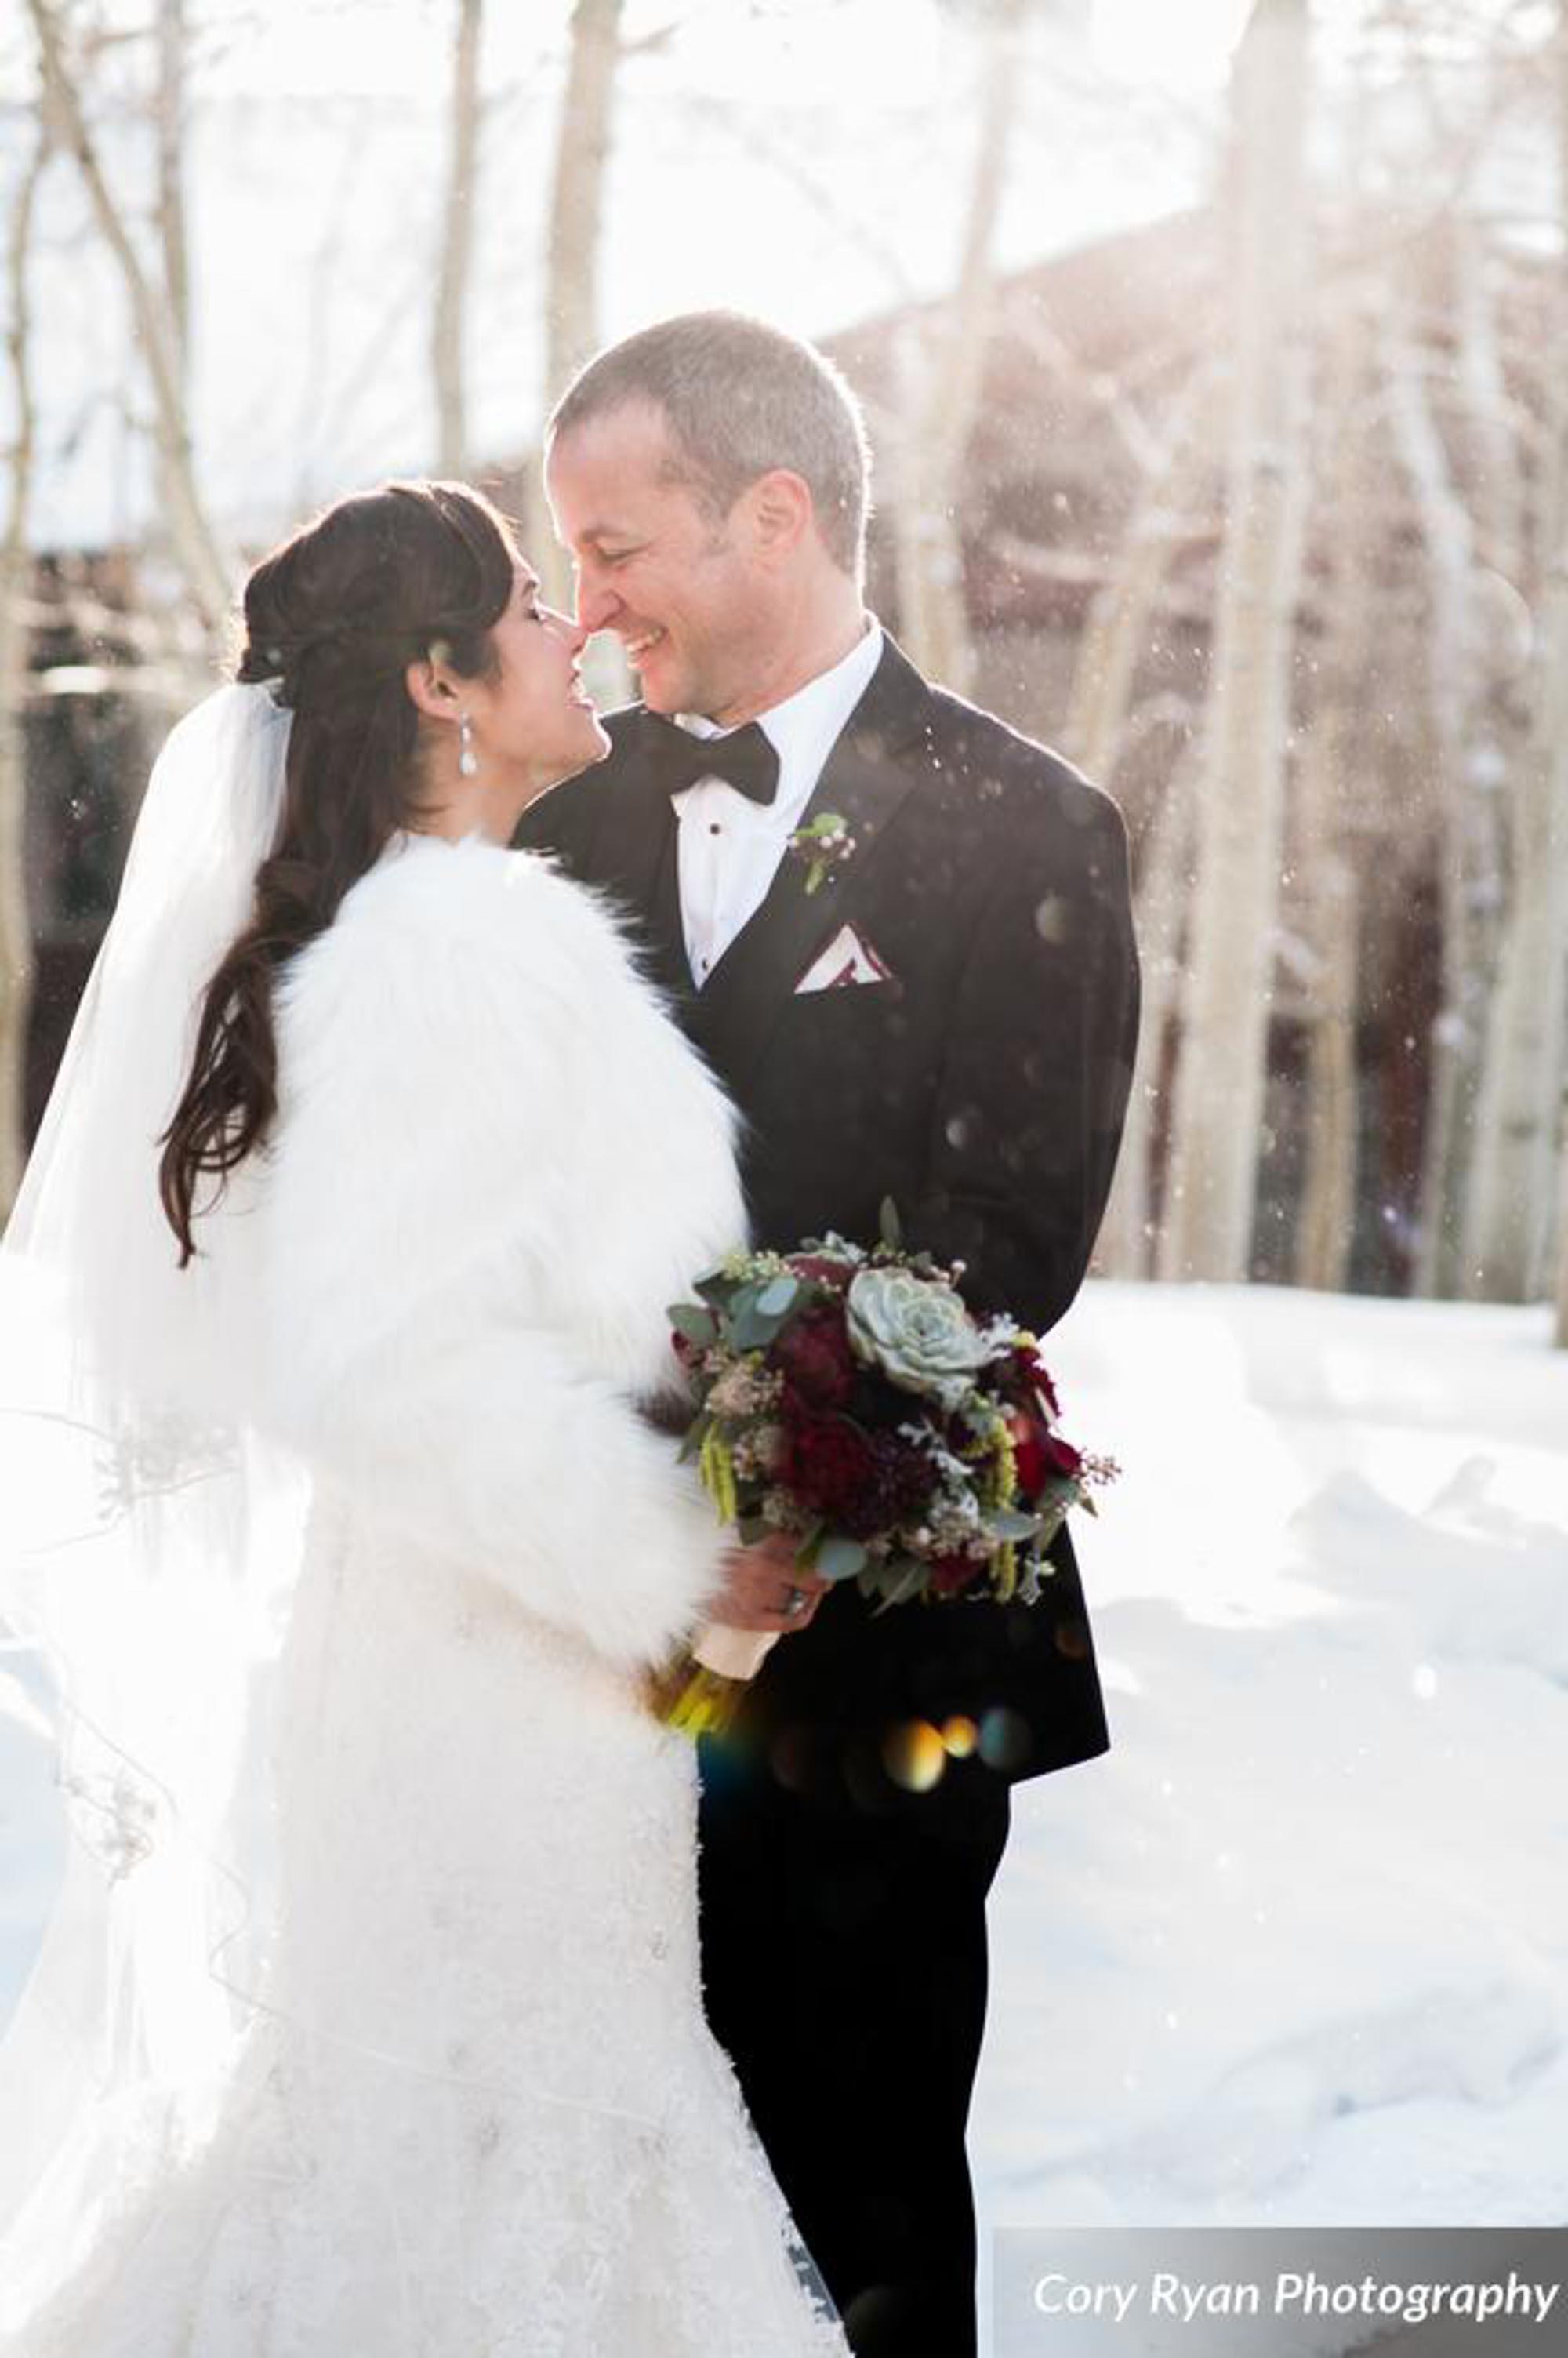 romantic winter wedding stein eriksen lodge-62.jpg